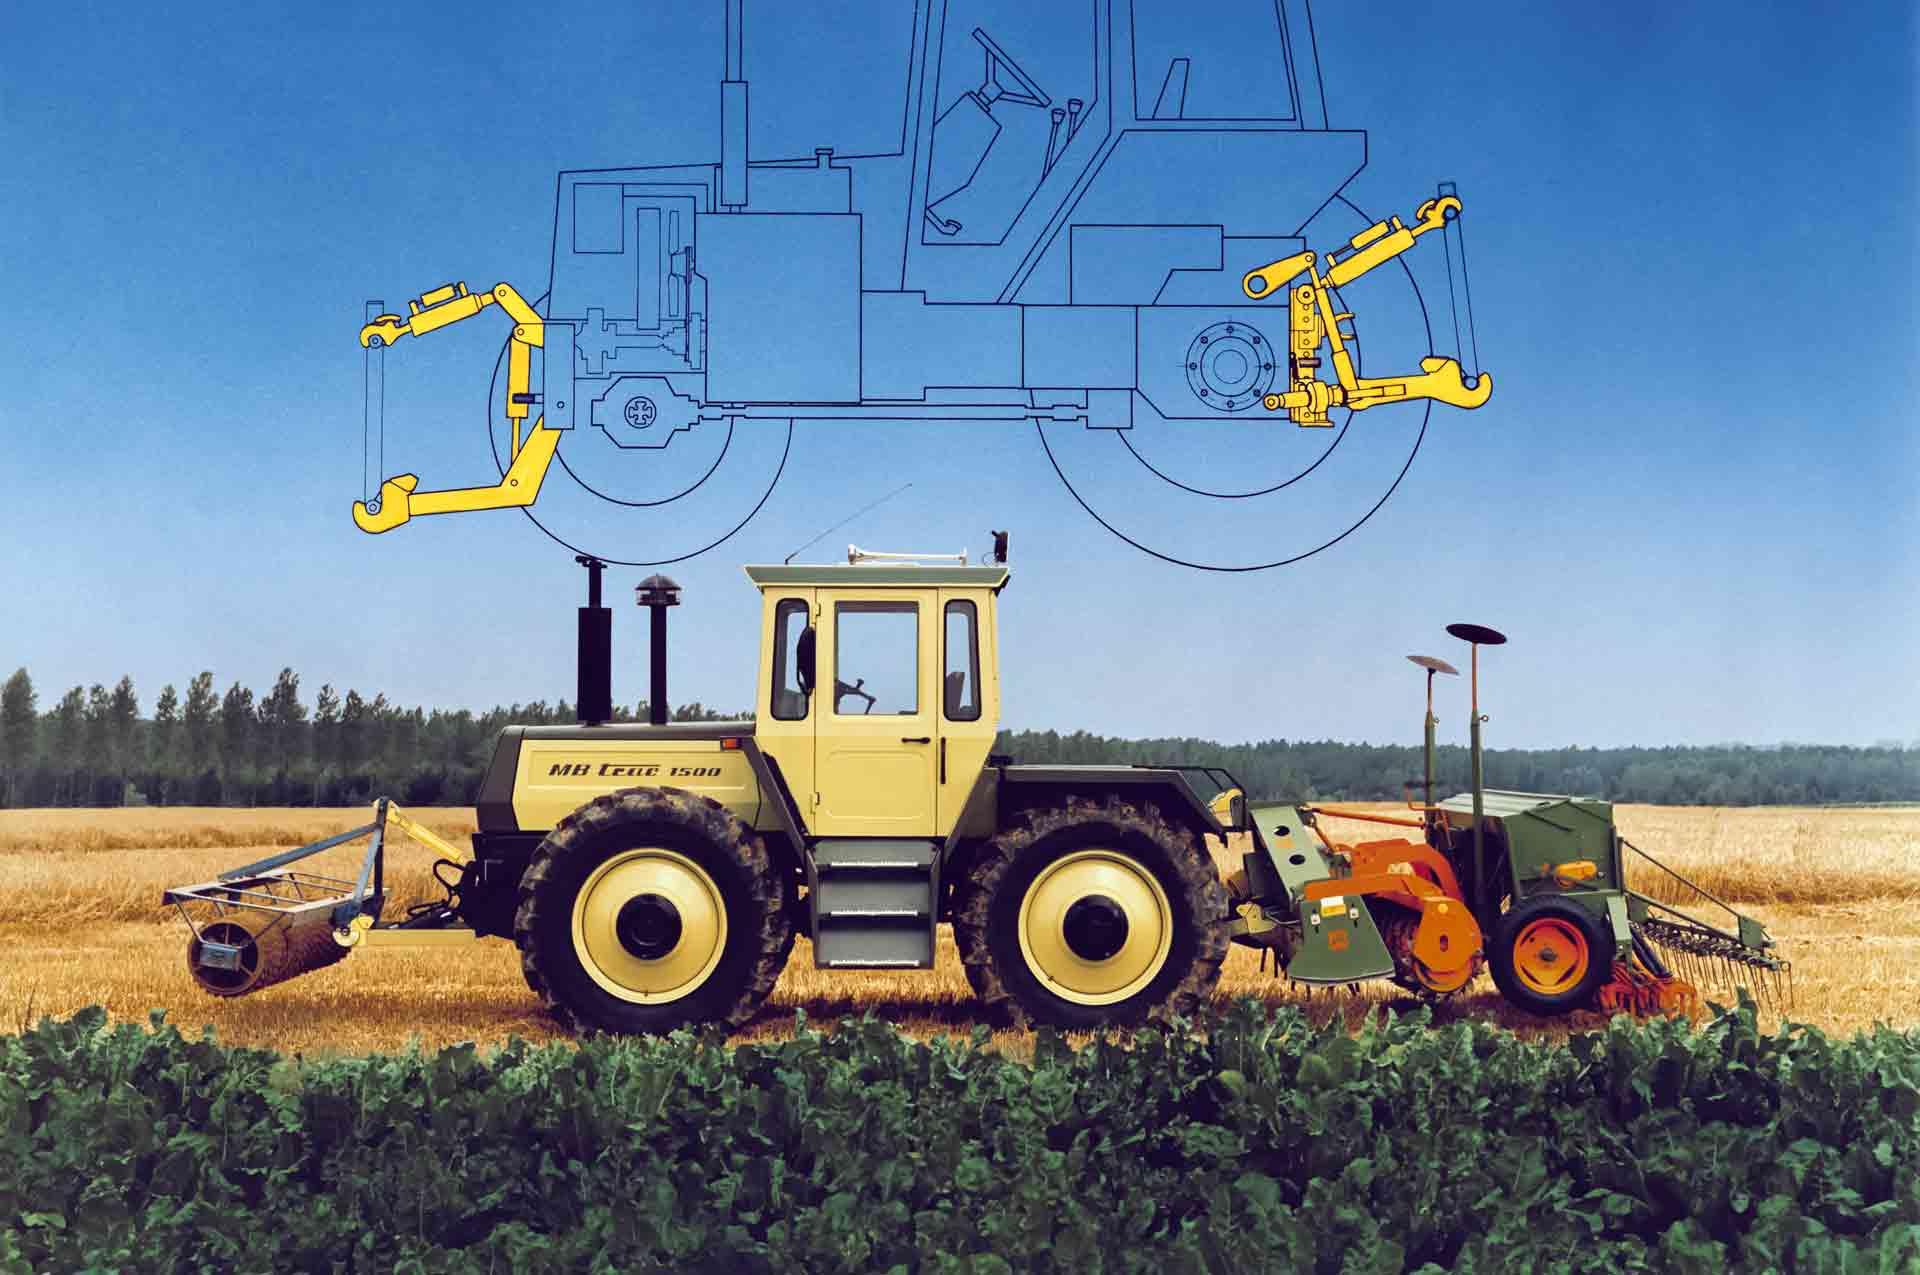 Das Traktor-Anbau-System (TAS) vereint Unterlenker, Fanghaken und Stabilisierungssystem. Es lässt sich am Heck und/oder an der Front anbrin- gen und entwickelt sich rasch zum Erfolgsmodell.